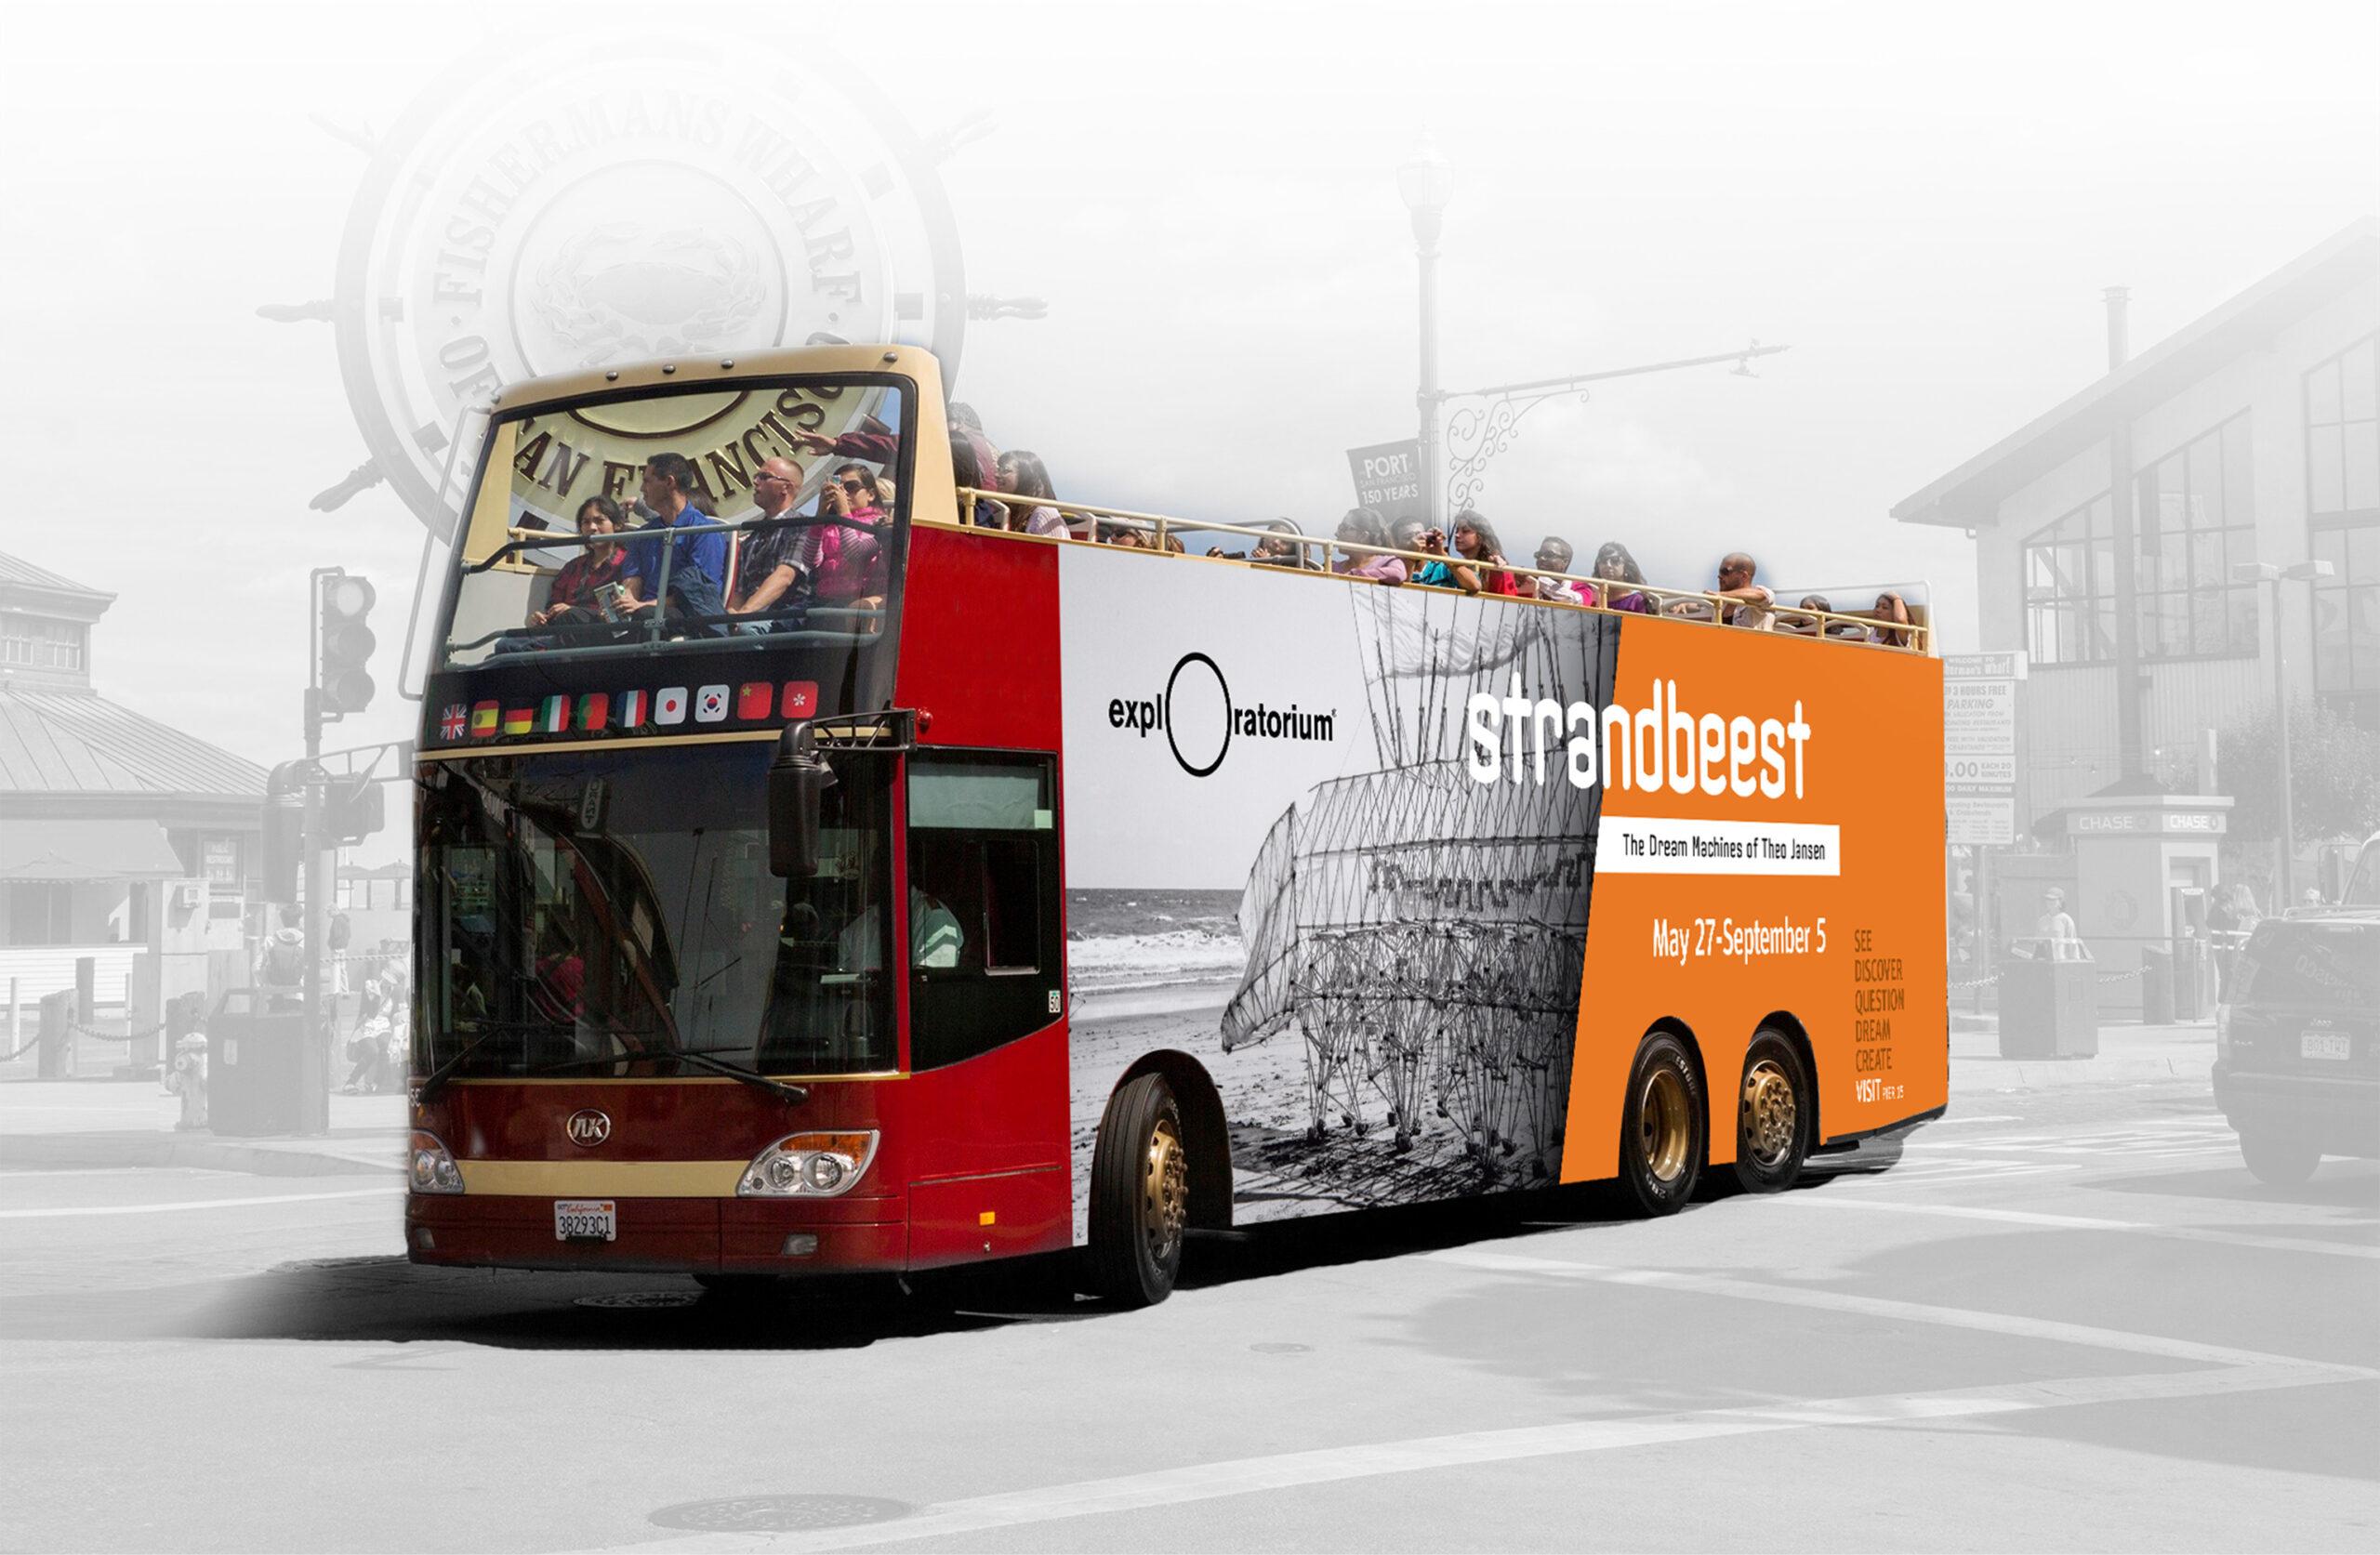 Exploratorium Strandbeest bus wrap